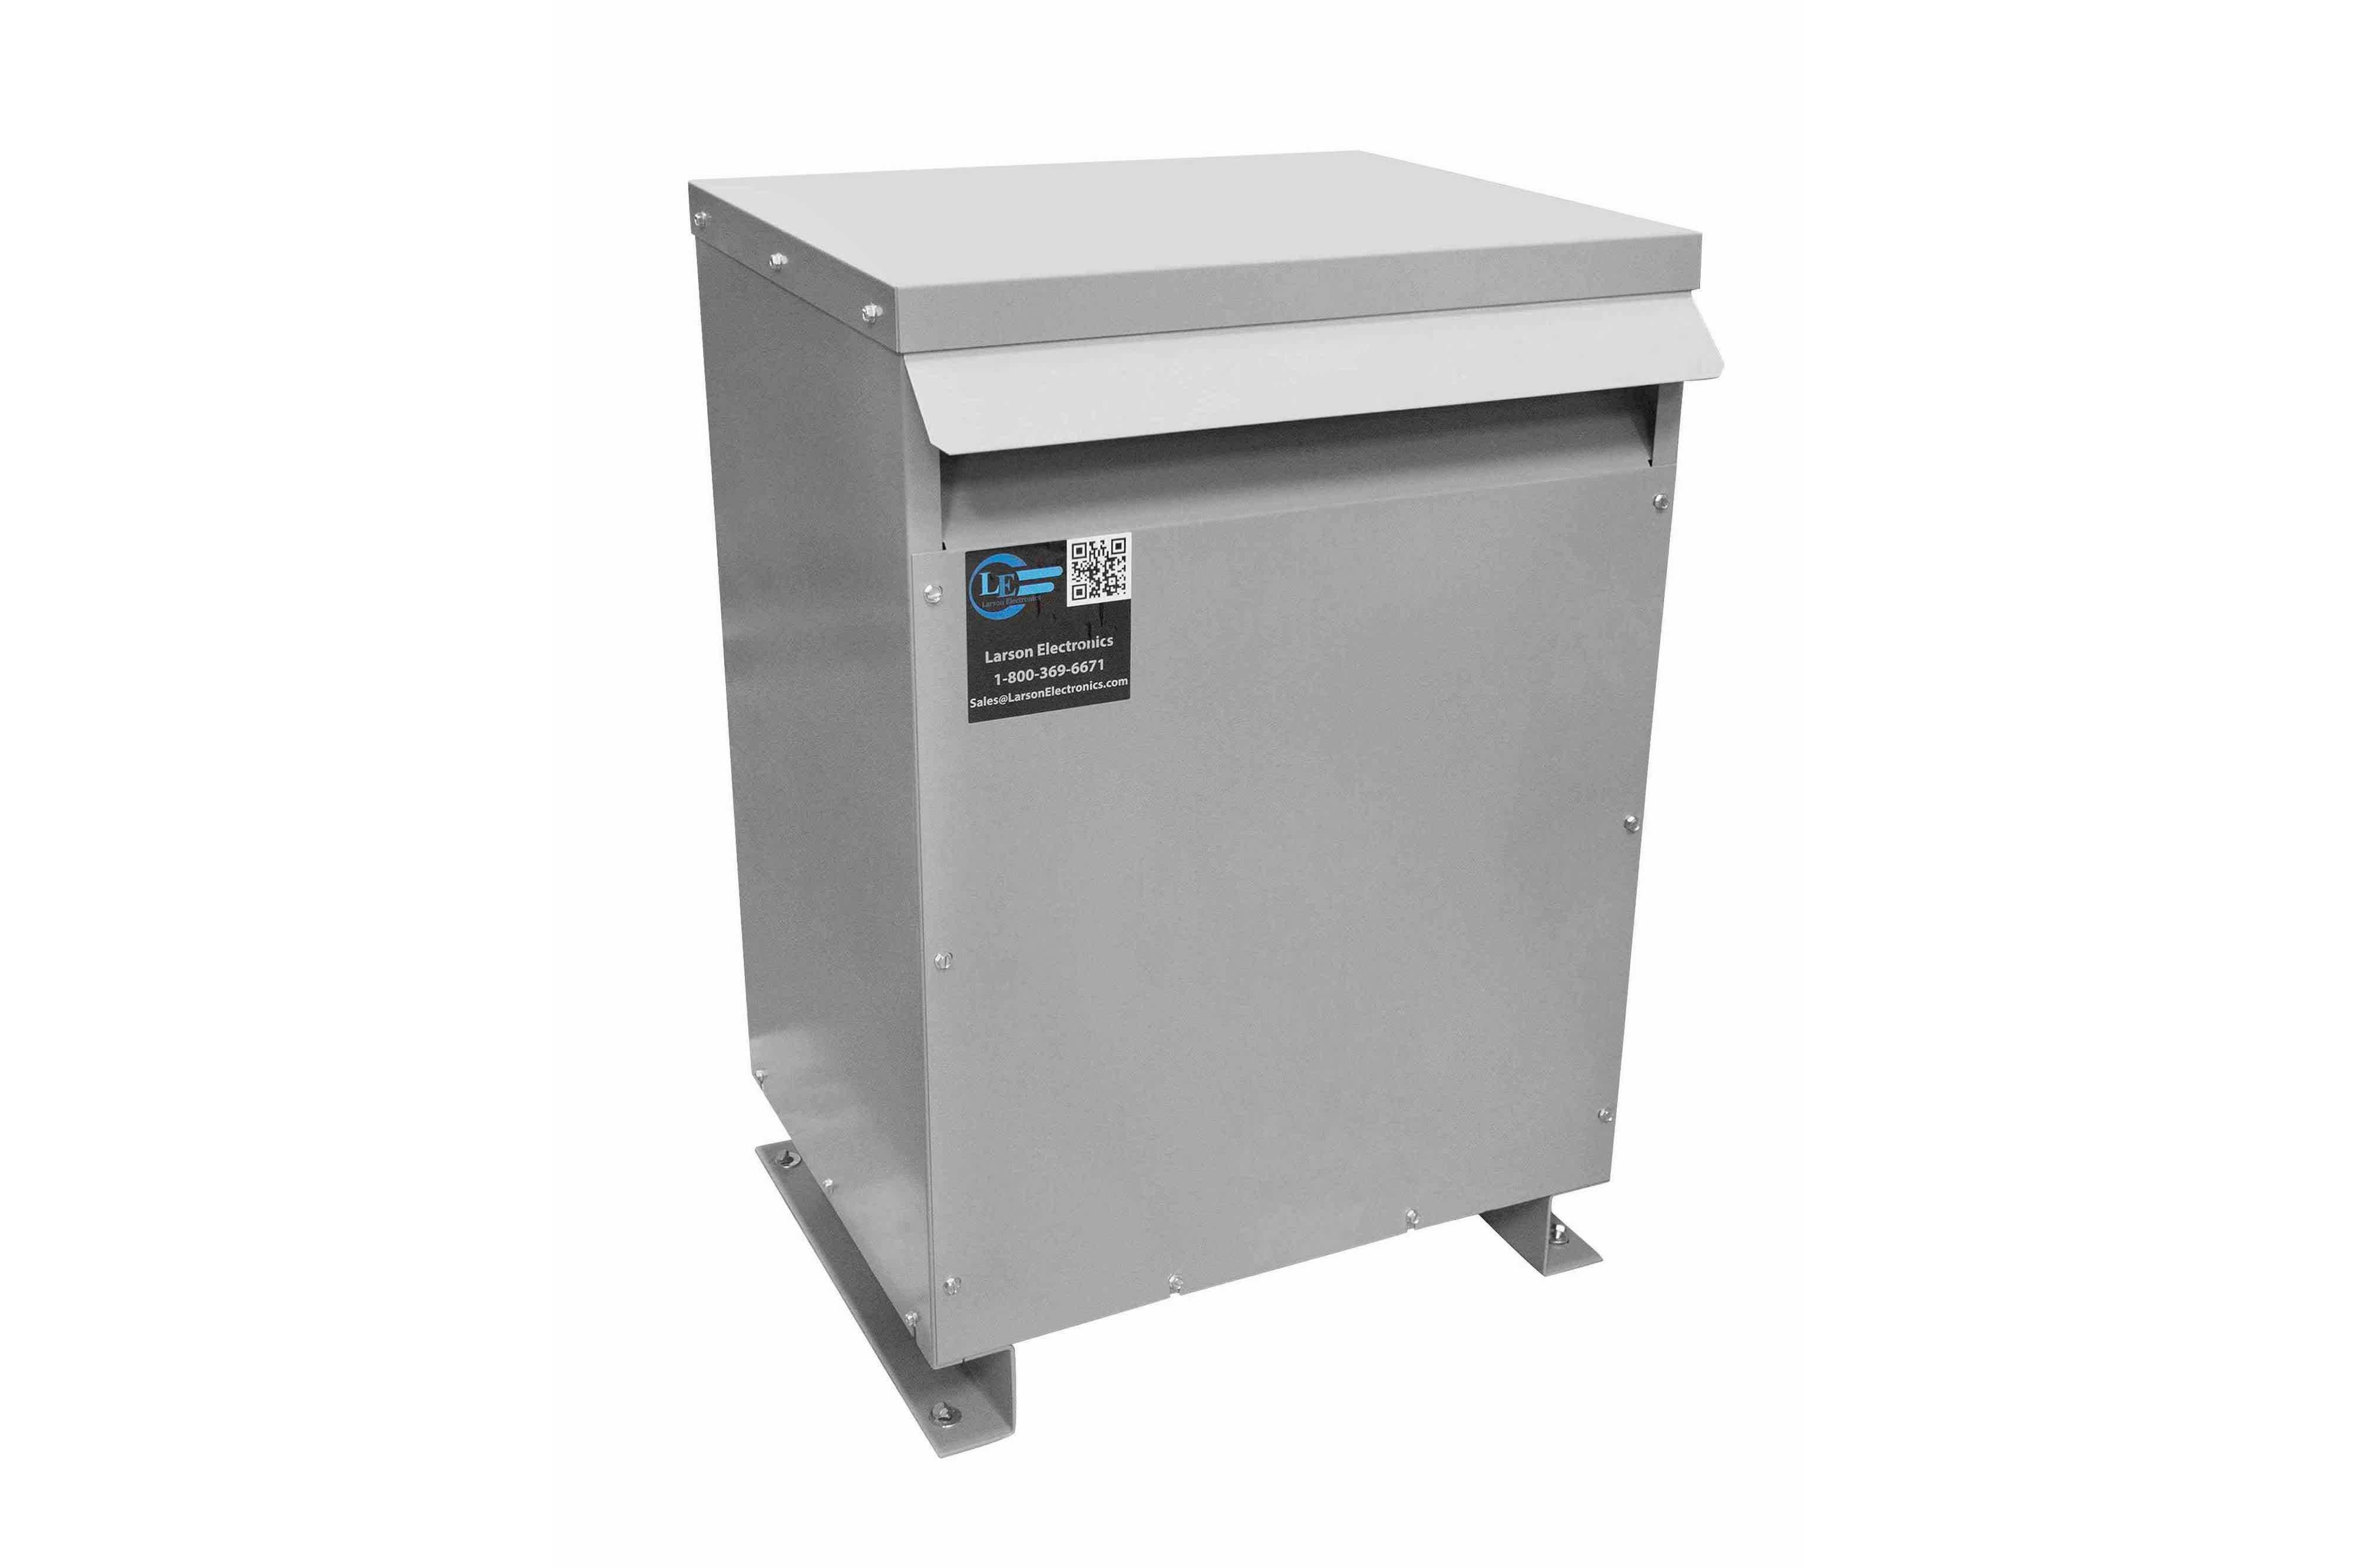 300 kVA 3PH Isolation Transformer, 240V Delta Primary, 400V Delta Secondary, N3R, Ventilated, 60 Hz